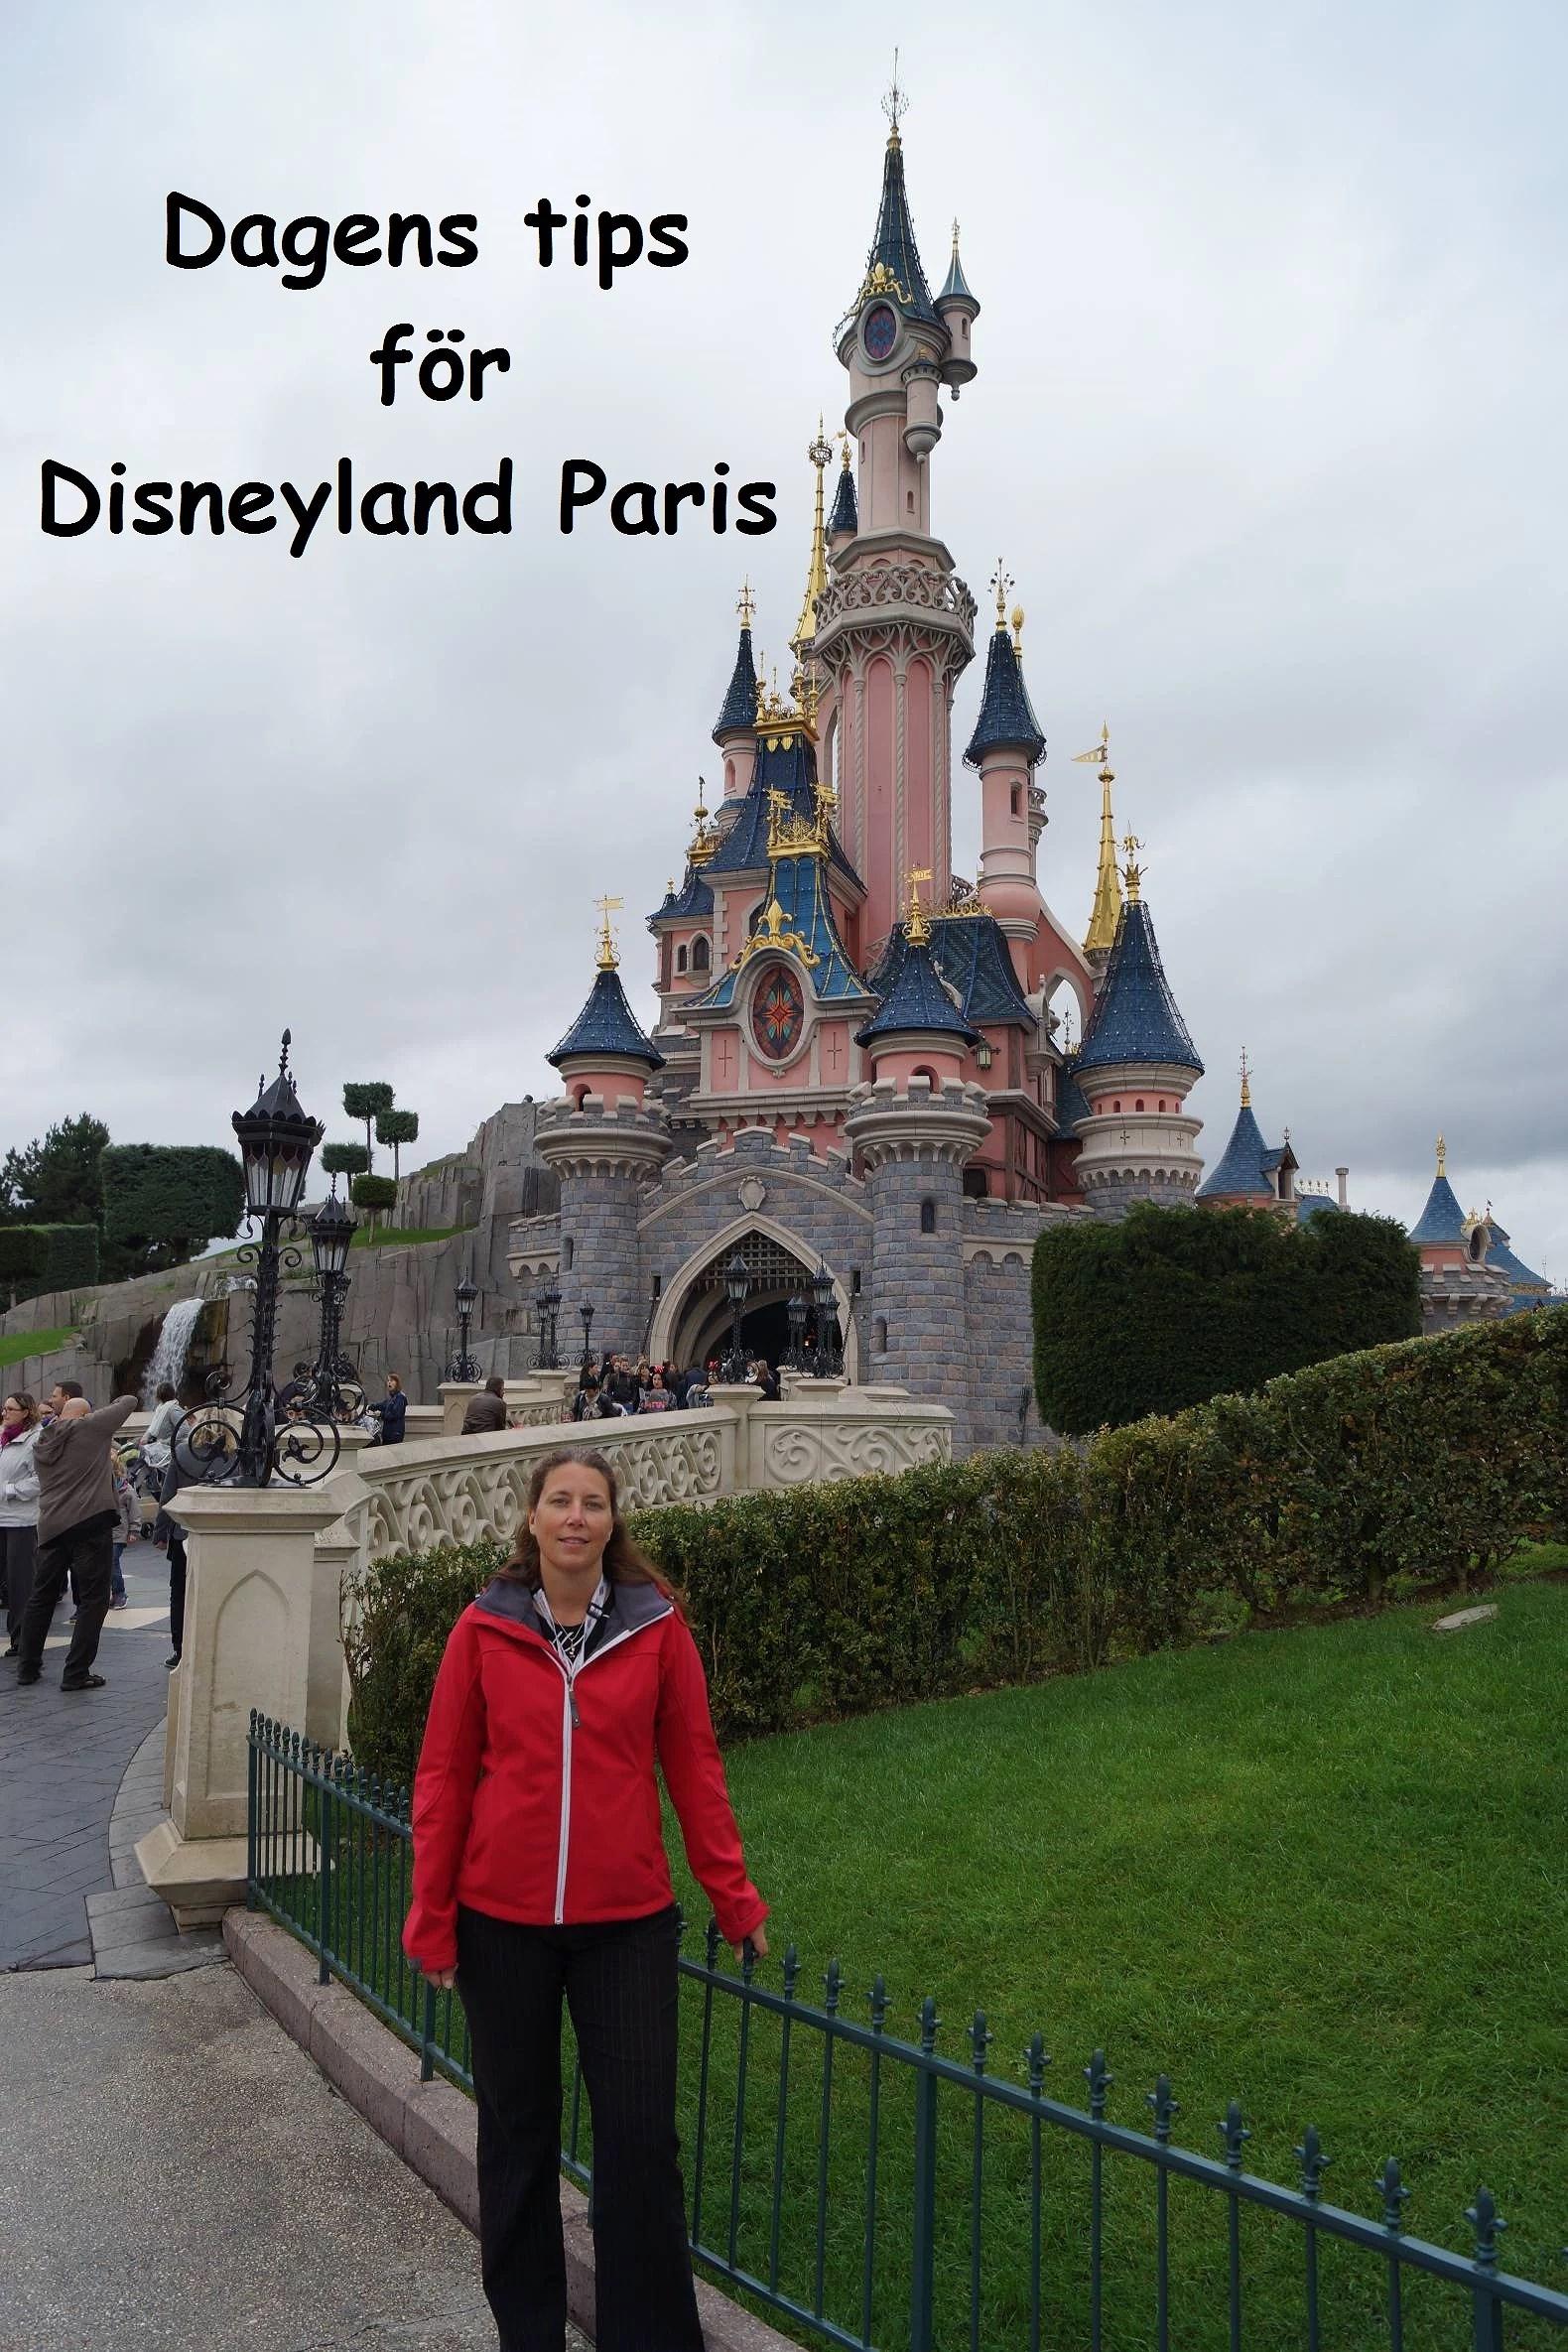 Topp 7 - De vanligaste misstagen folk gör när de ska besöka Disneyland Paris